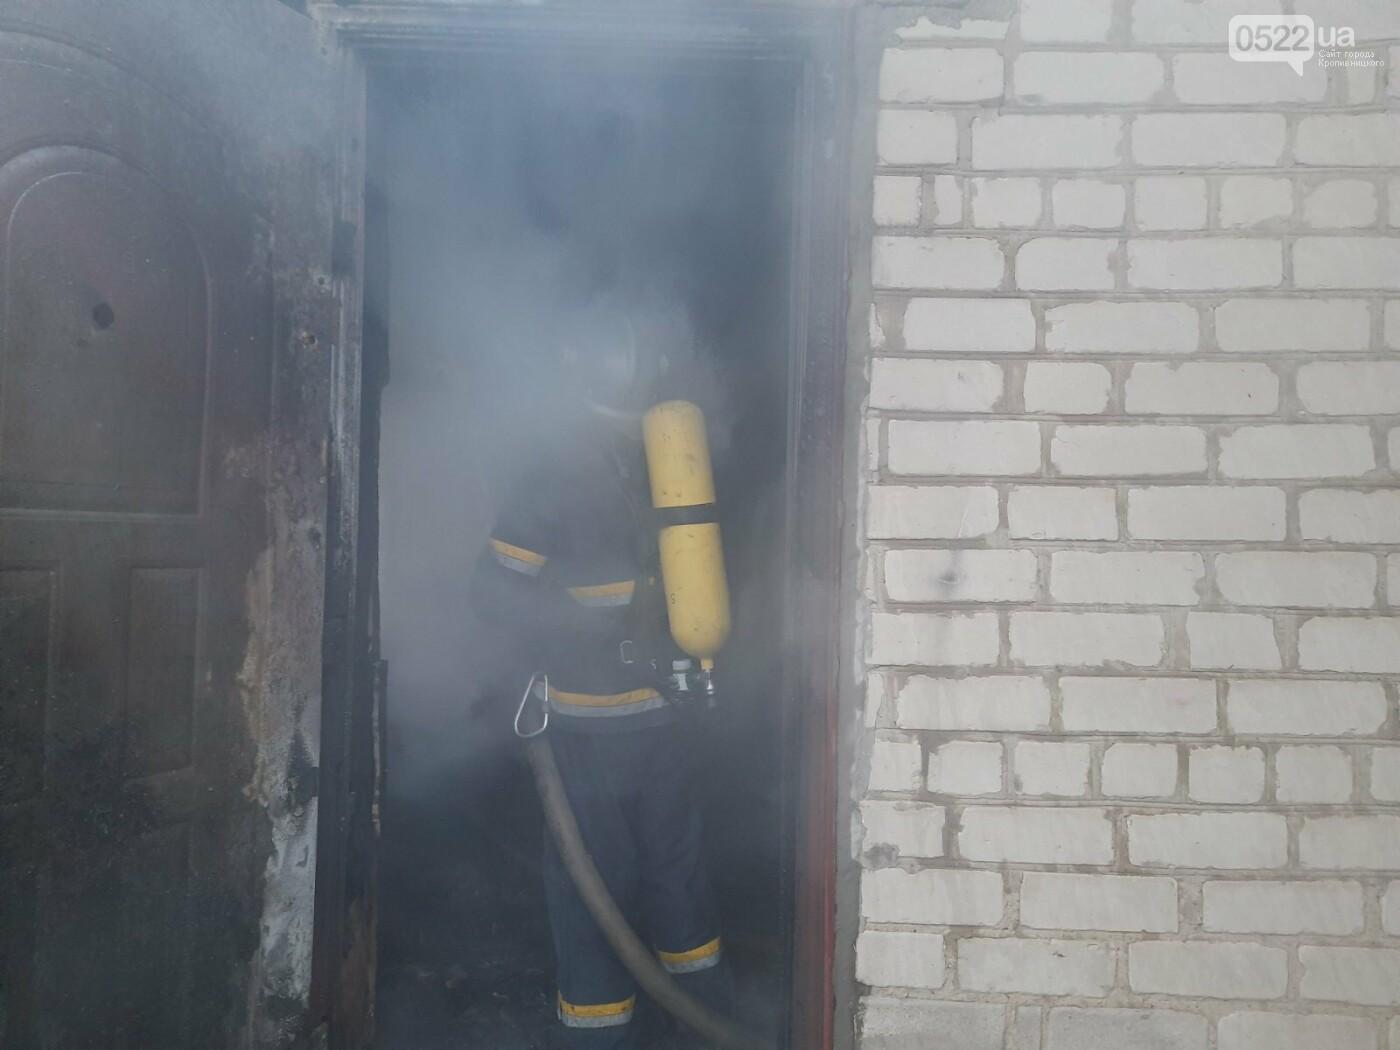 Рятувальники повідомляють про пожежу у приватному секторі, фото-1